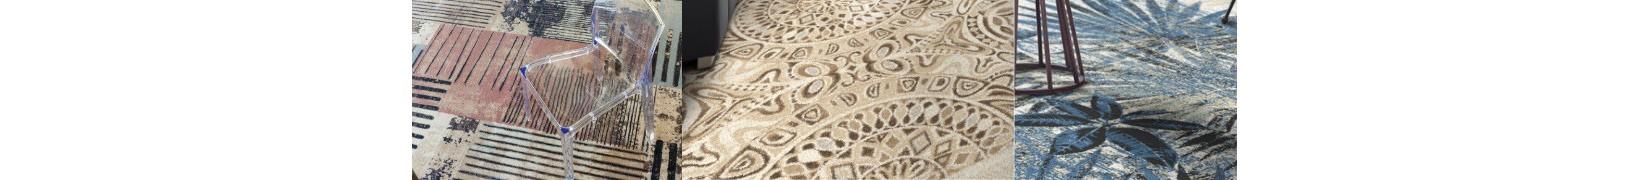 Dywany wełniane koło. ŚliczneDywany.pl - najdłużej działający sklep online w Polsce! Dywany Toruń